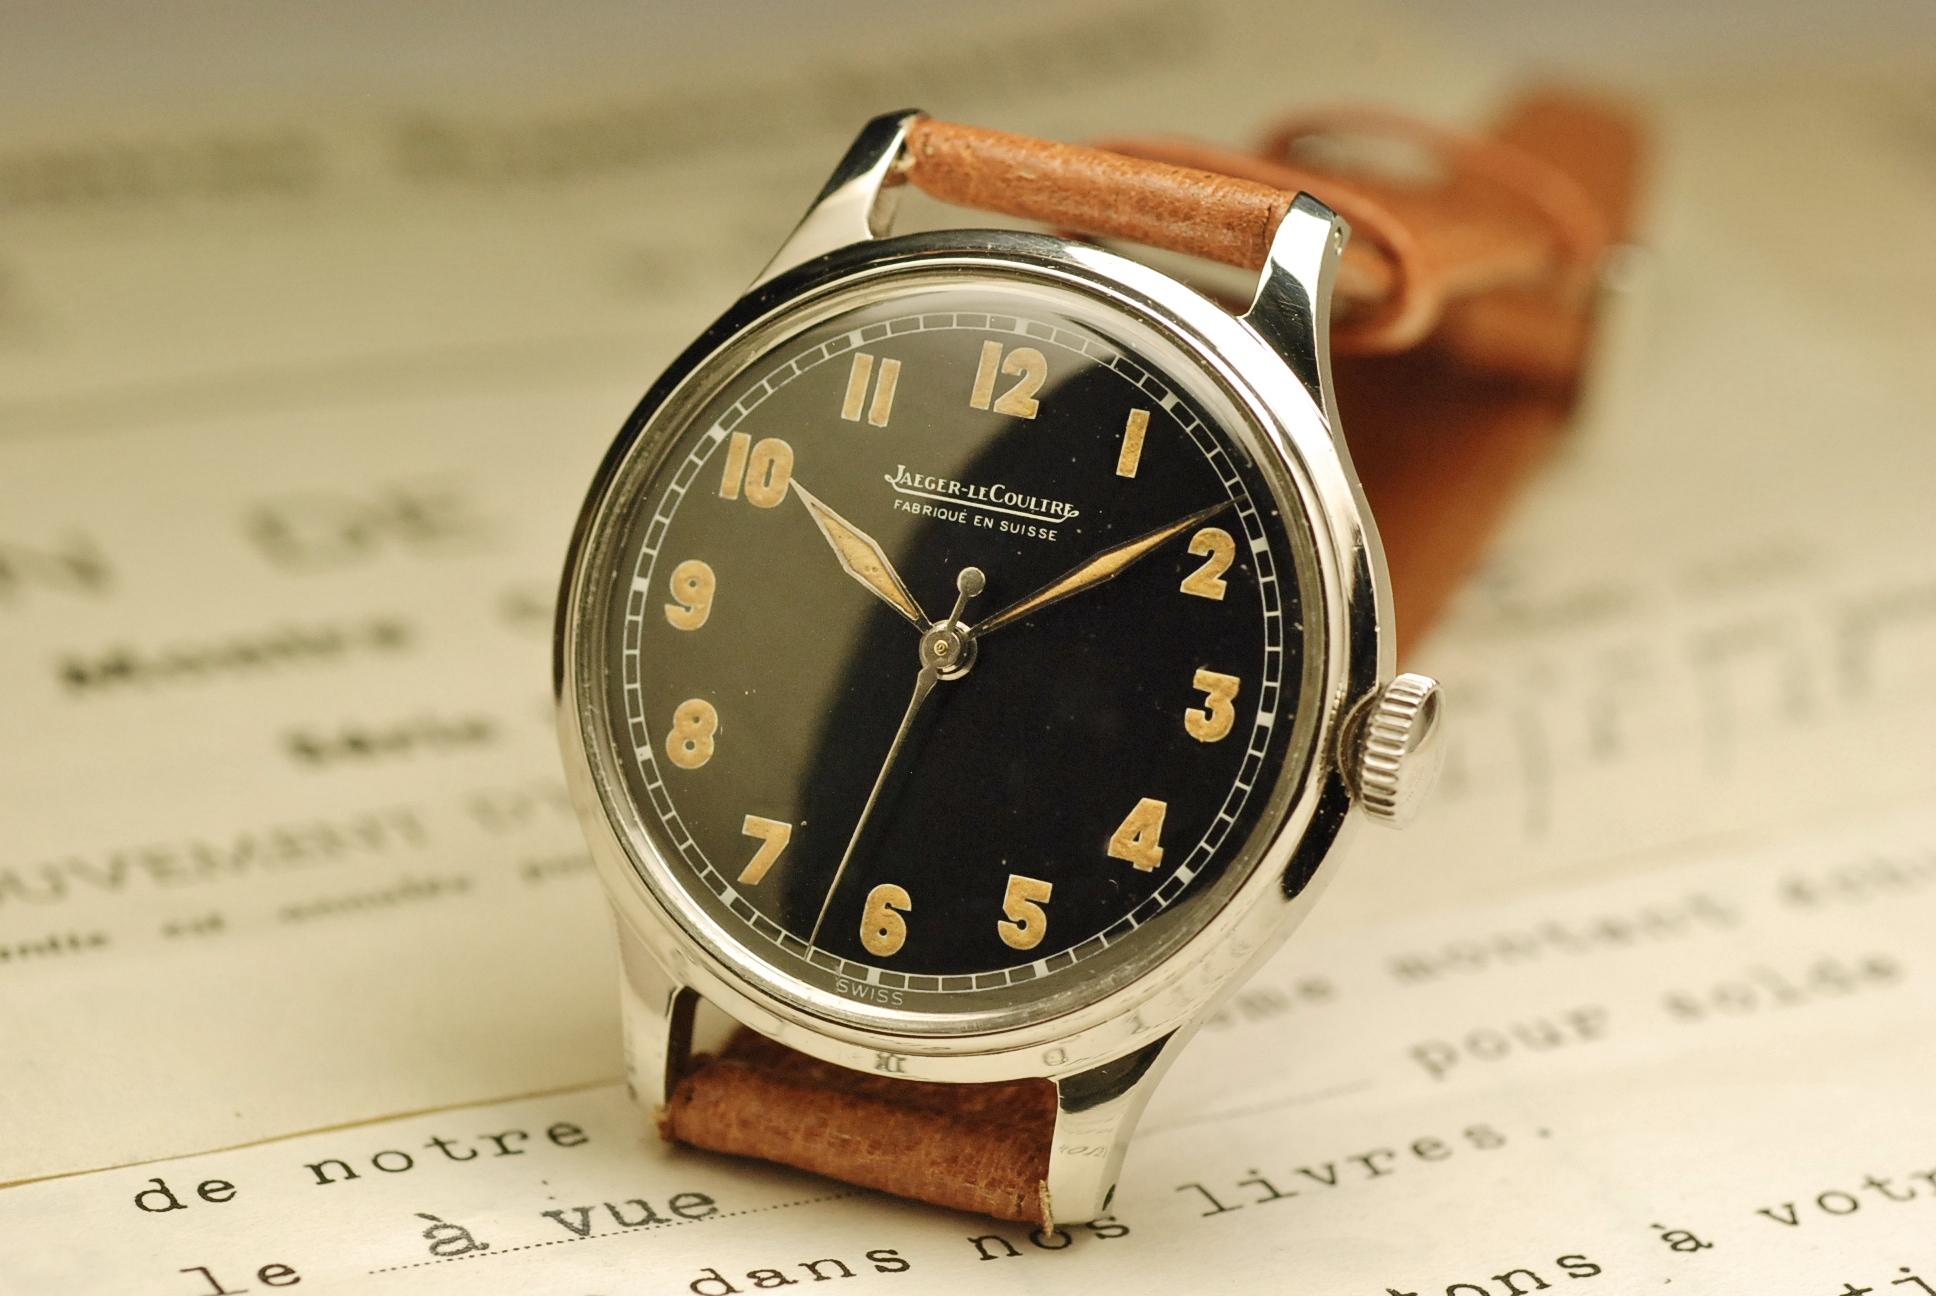 jaeger lecoultre vintage watch montre ancienne militaire. Black Bedroom Furniture Sets. Home Design Ideas